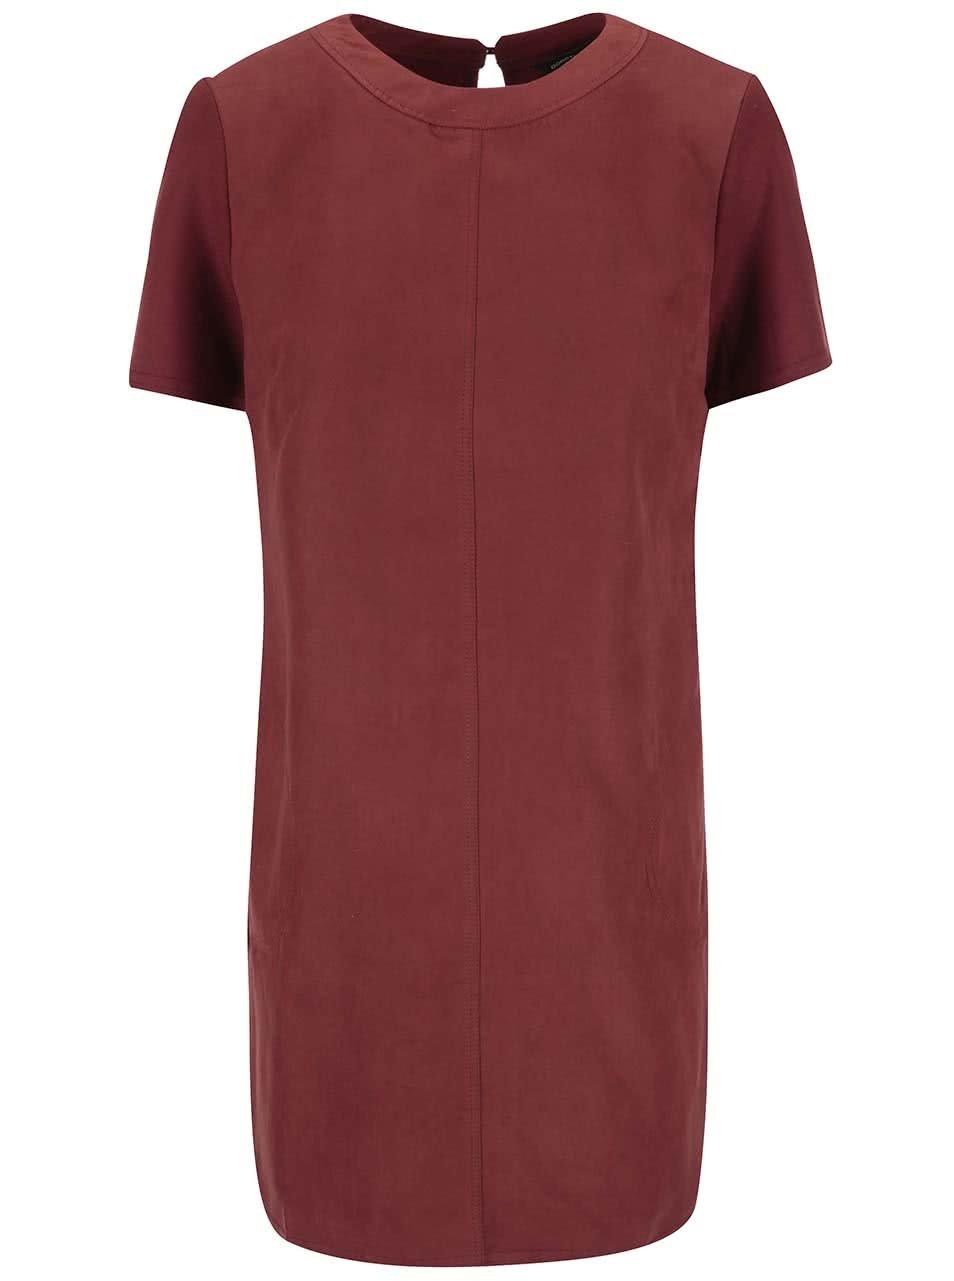 Červenohnědé šaty s krátkým rukávem Dorothy Perkins 0003399176